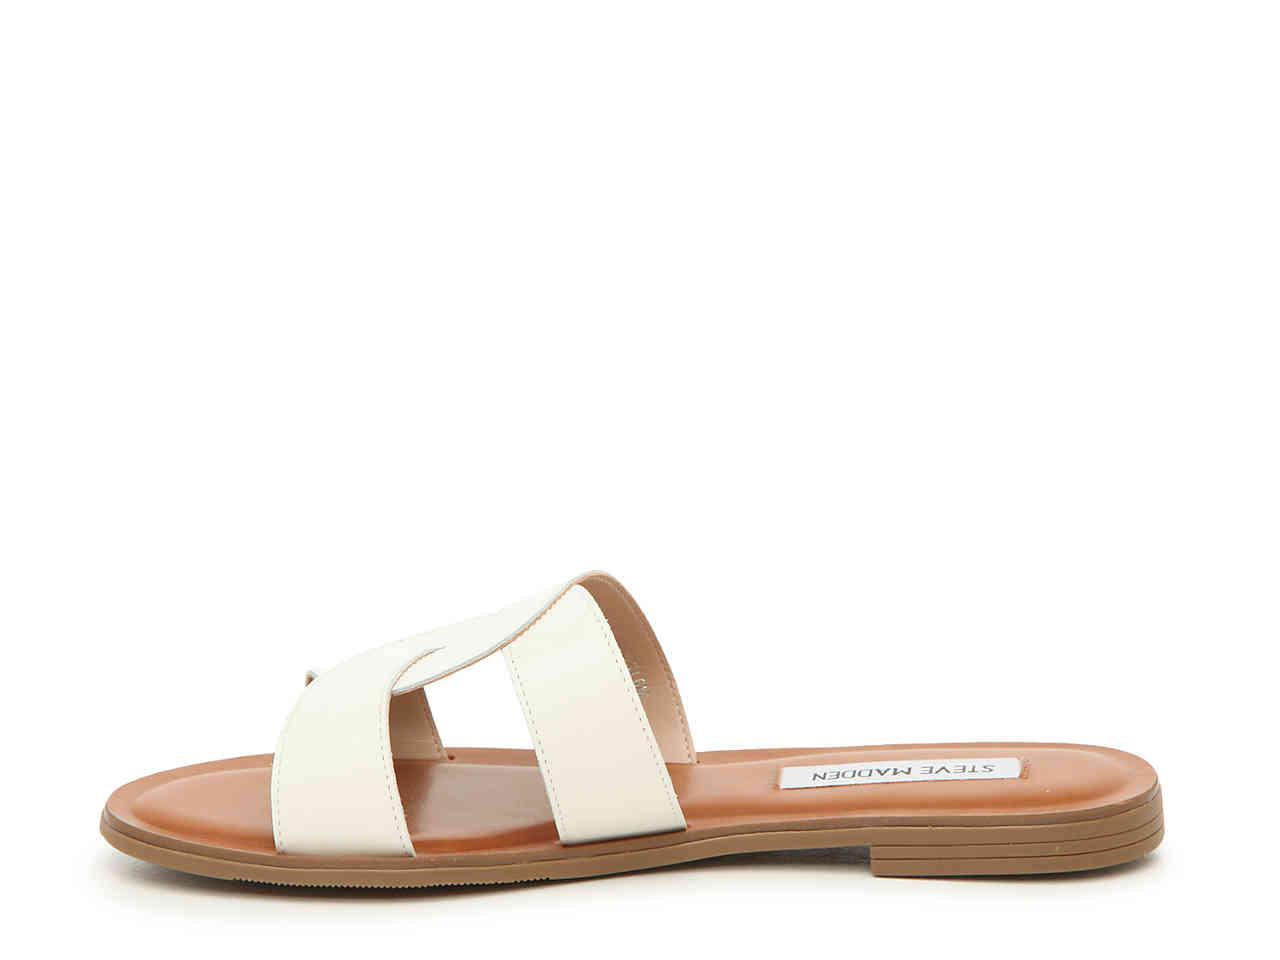 Steve Madden Havana Sandal in White - Lyst